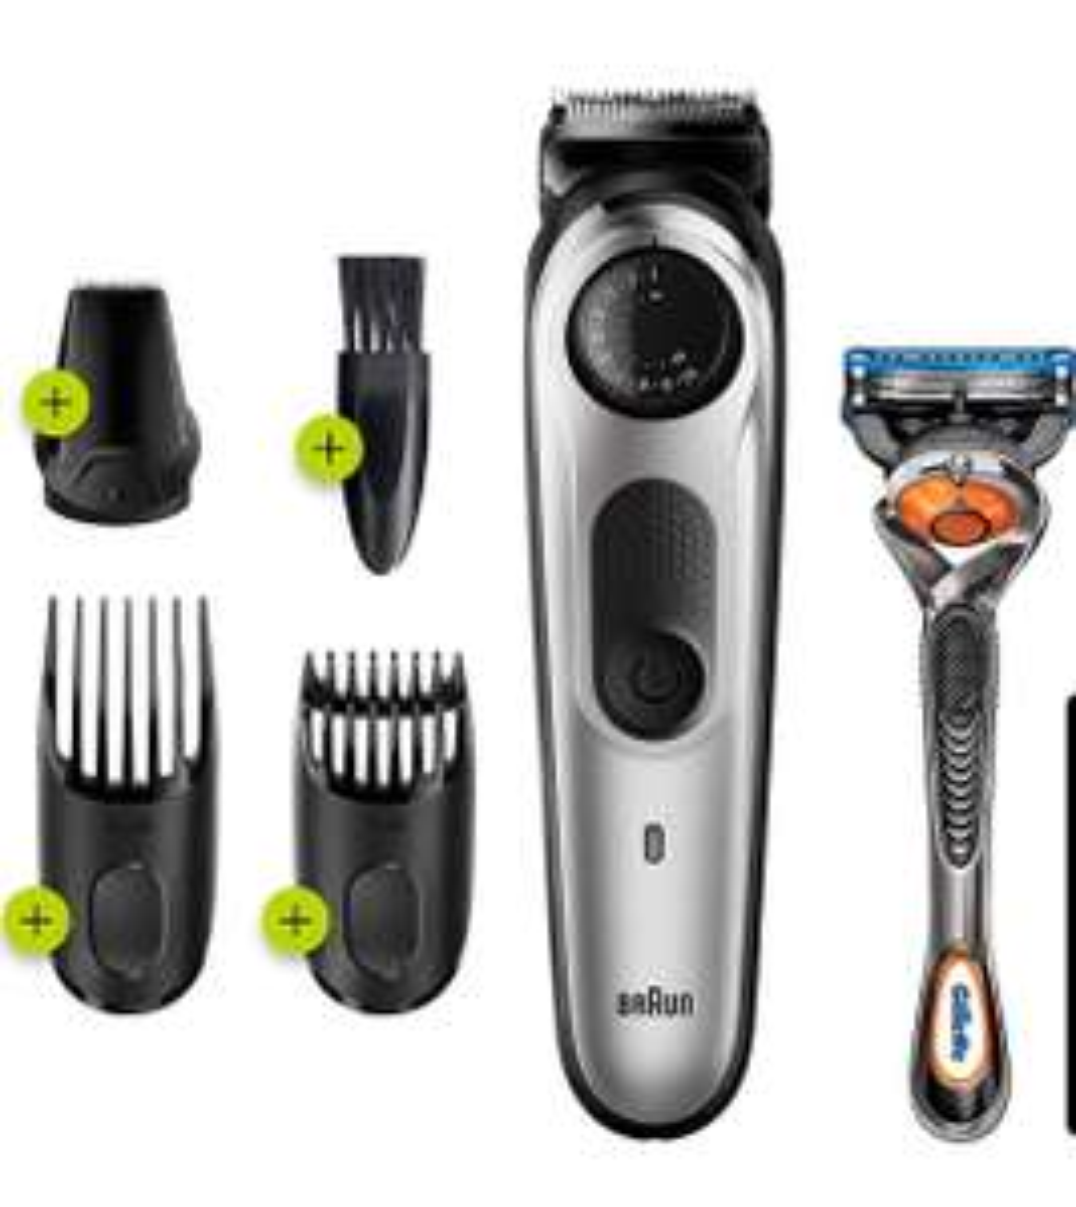 Braun – BT5260 - Bart- und Haarschneider, 39 Längeneinstellungen, Schwarz/Silber Metallic